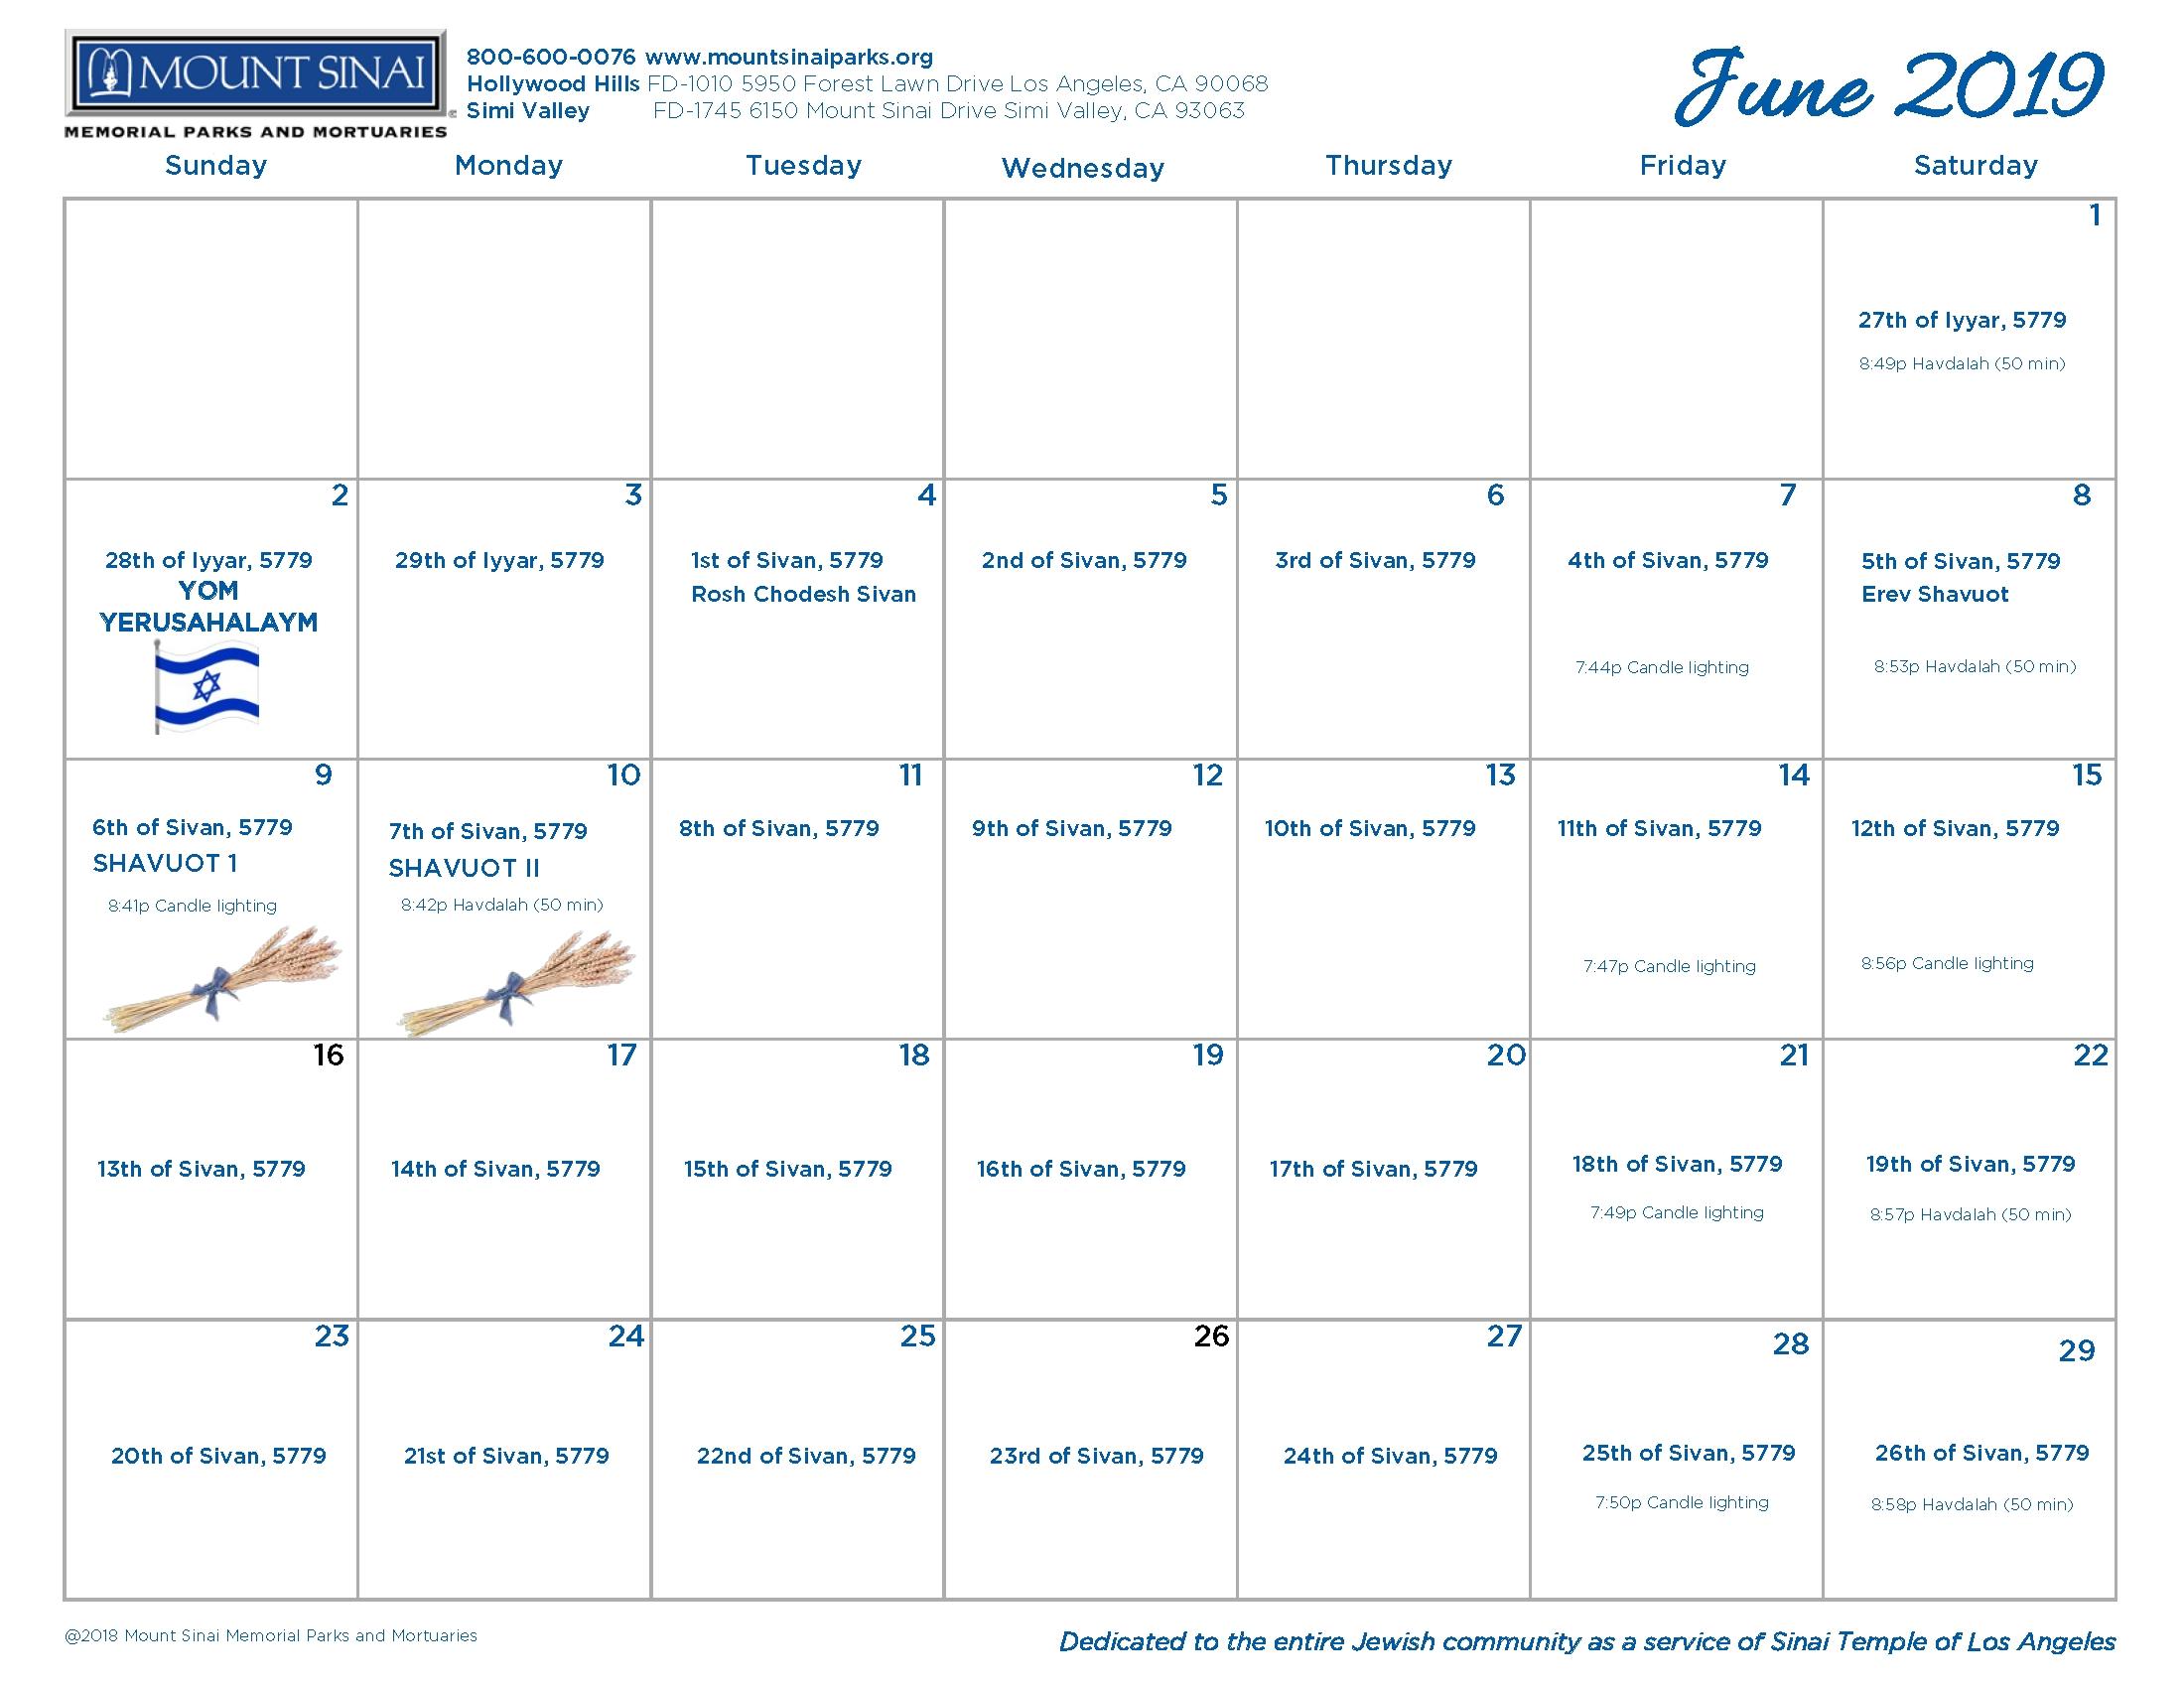 5779 Hebrew Calendar - Mount Sinai Memorial Parks And Mortuaries